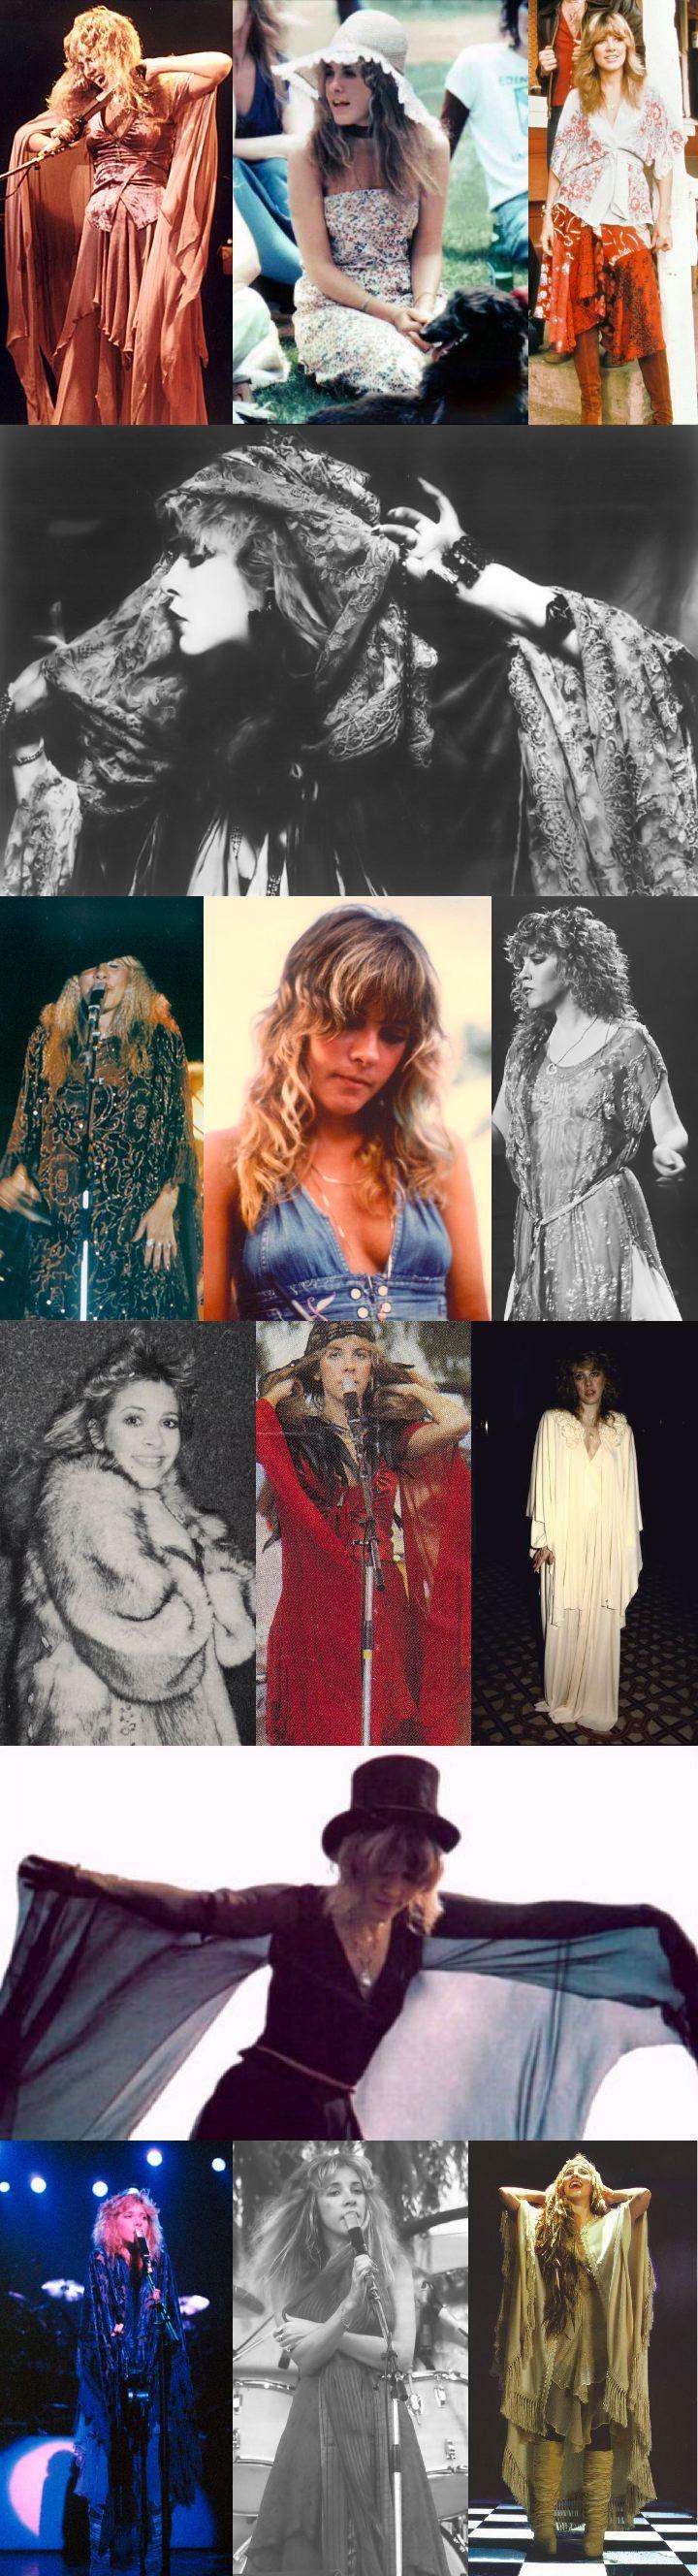 Stevie Nicks makes me want to dress like a gypsy.